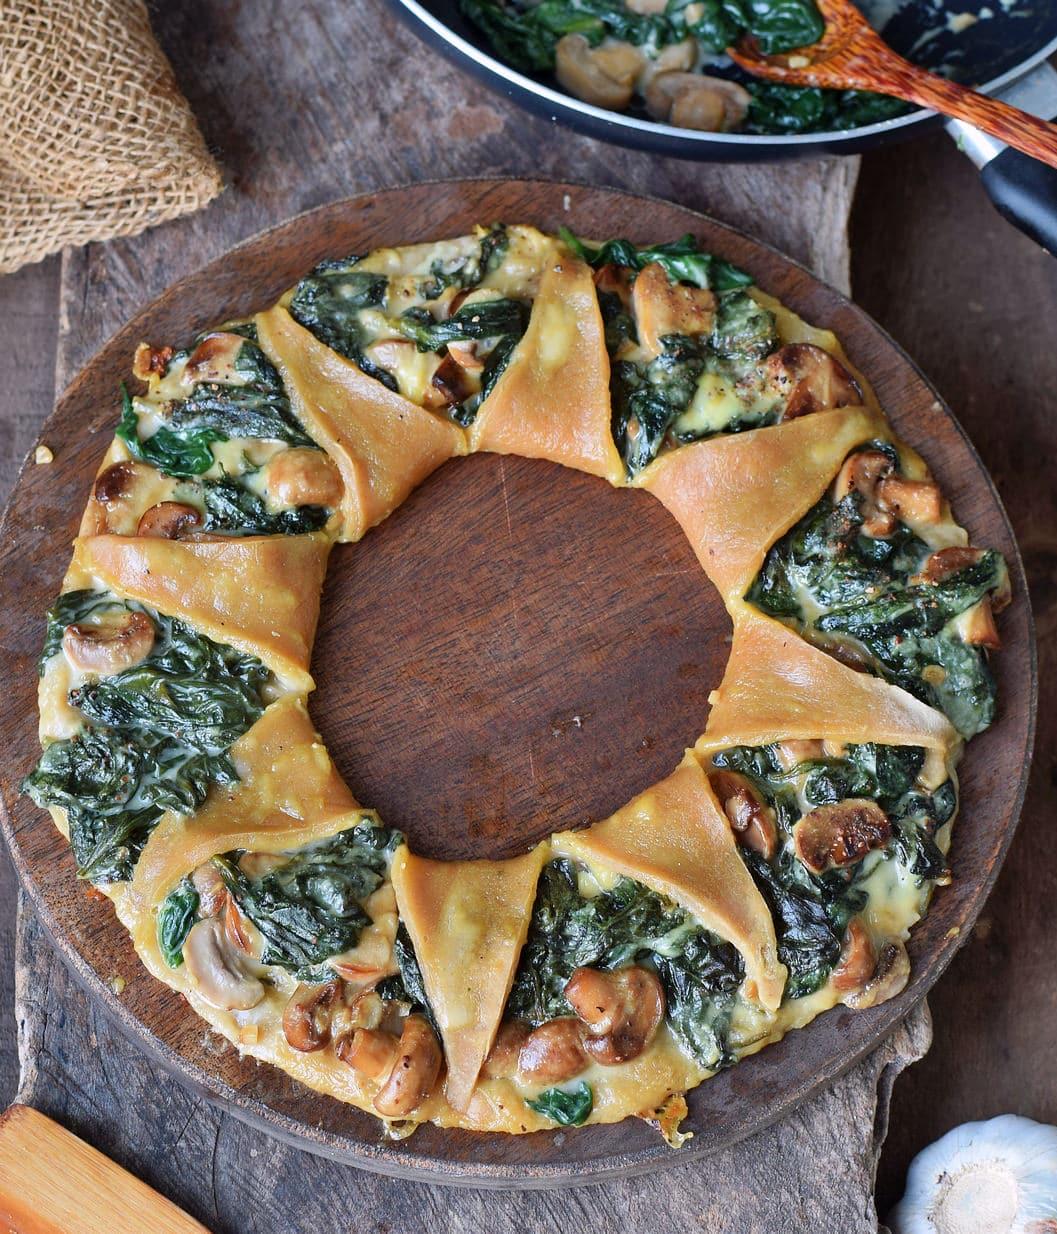 Glutenfreier Pizzakranz mit Spinat, Pilzen und veganem Käse